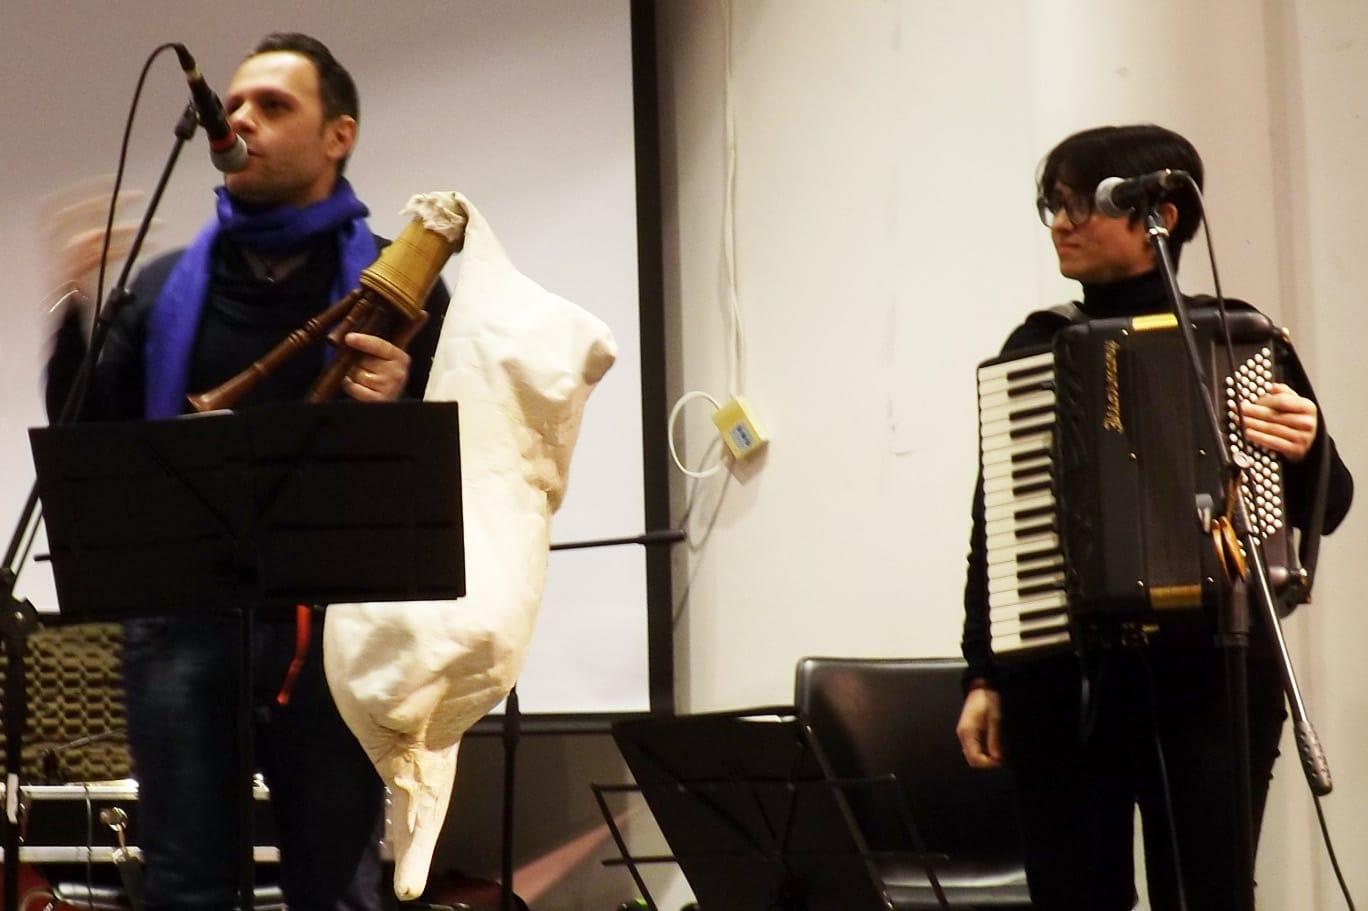 teatro_2020-02-15-at-02.03.06